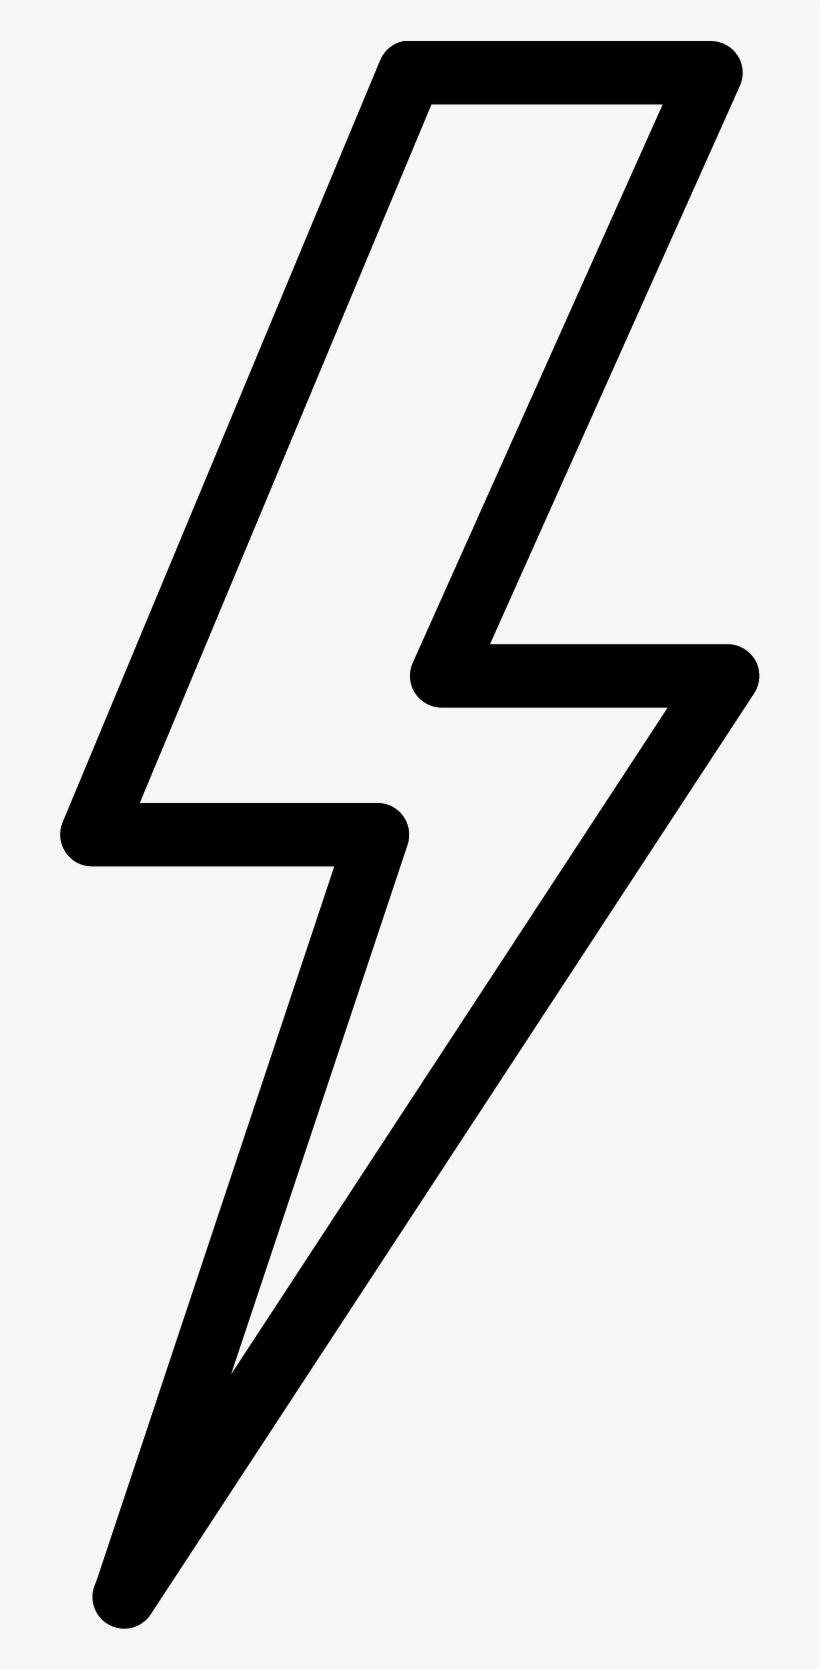 Lightning Bolt Png Graphic Freeuse Download - Lightning Bolt With Transparent Background, transparent png #39078